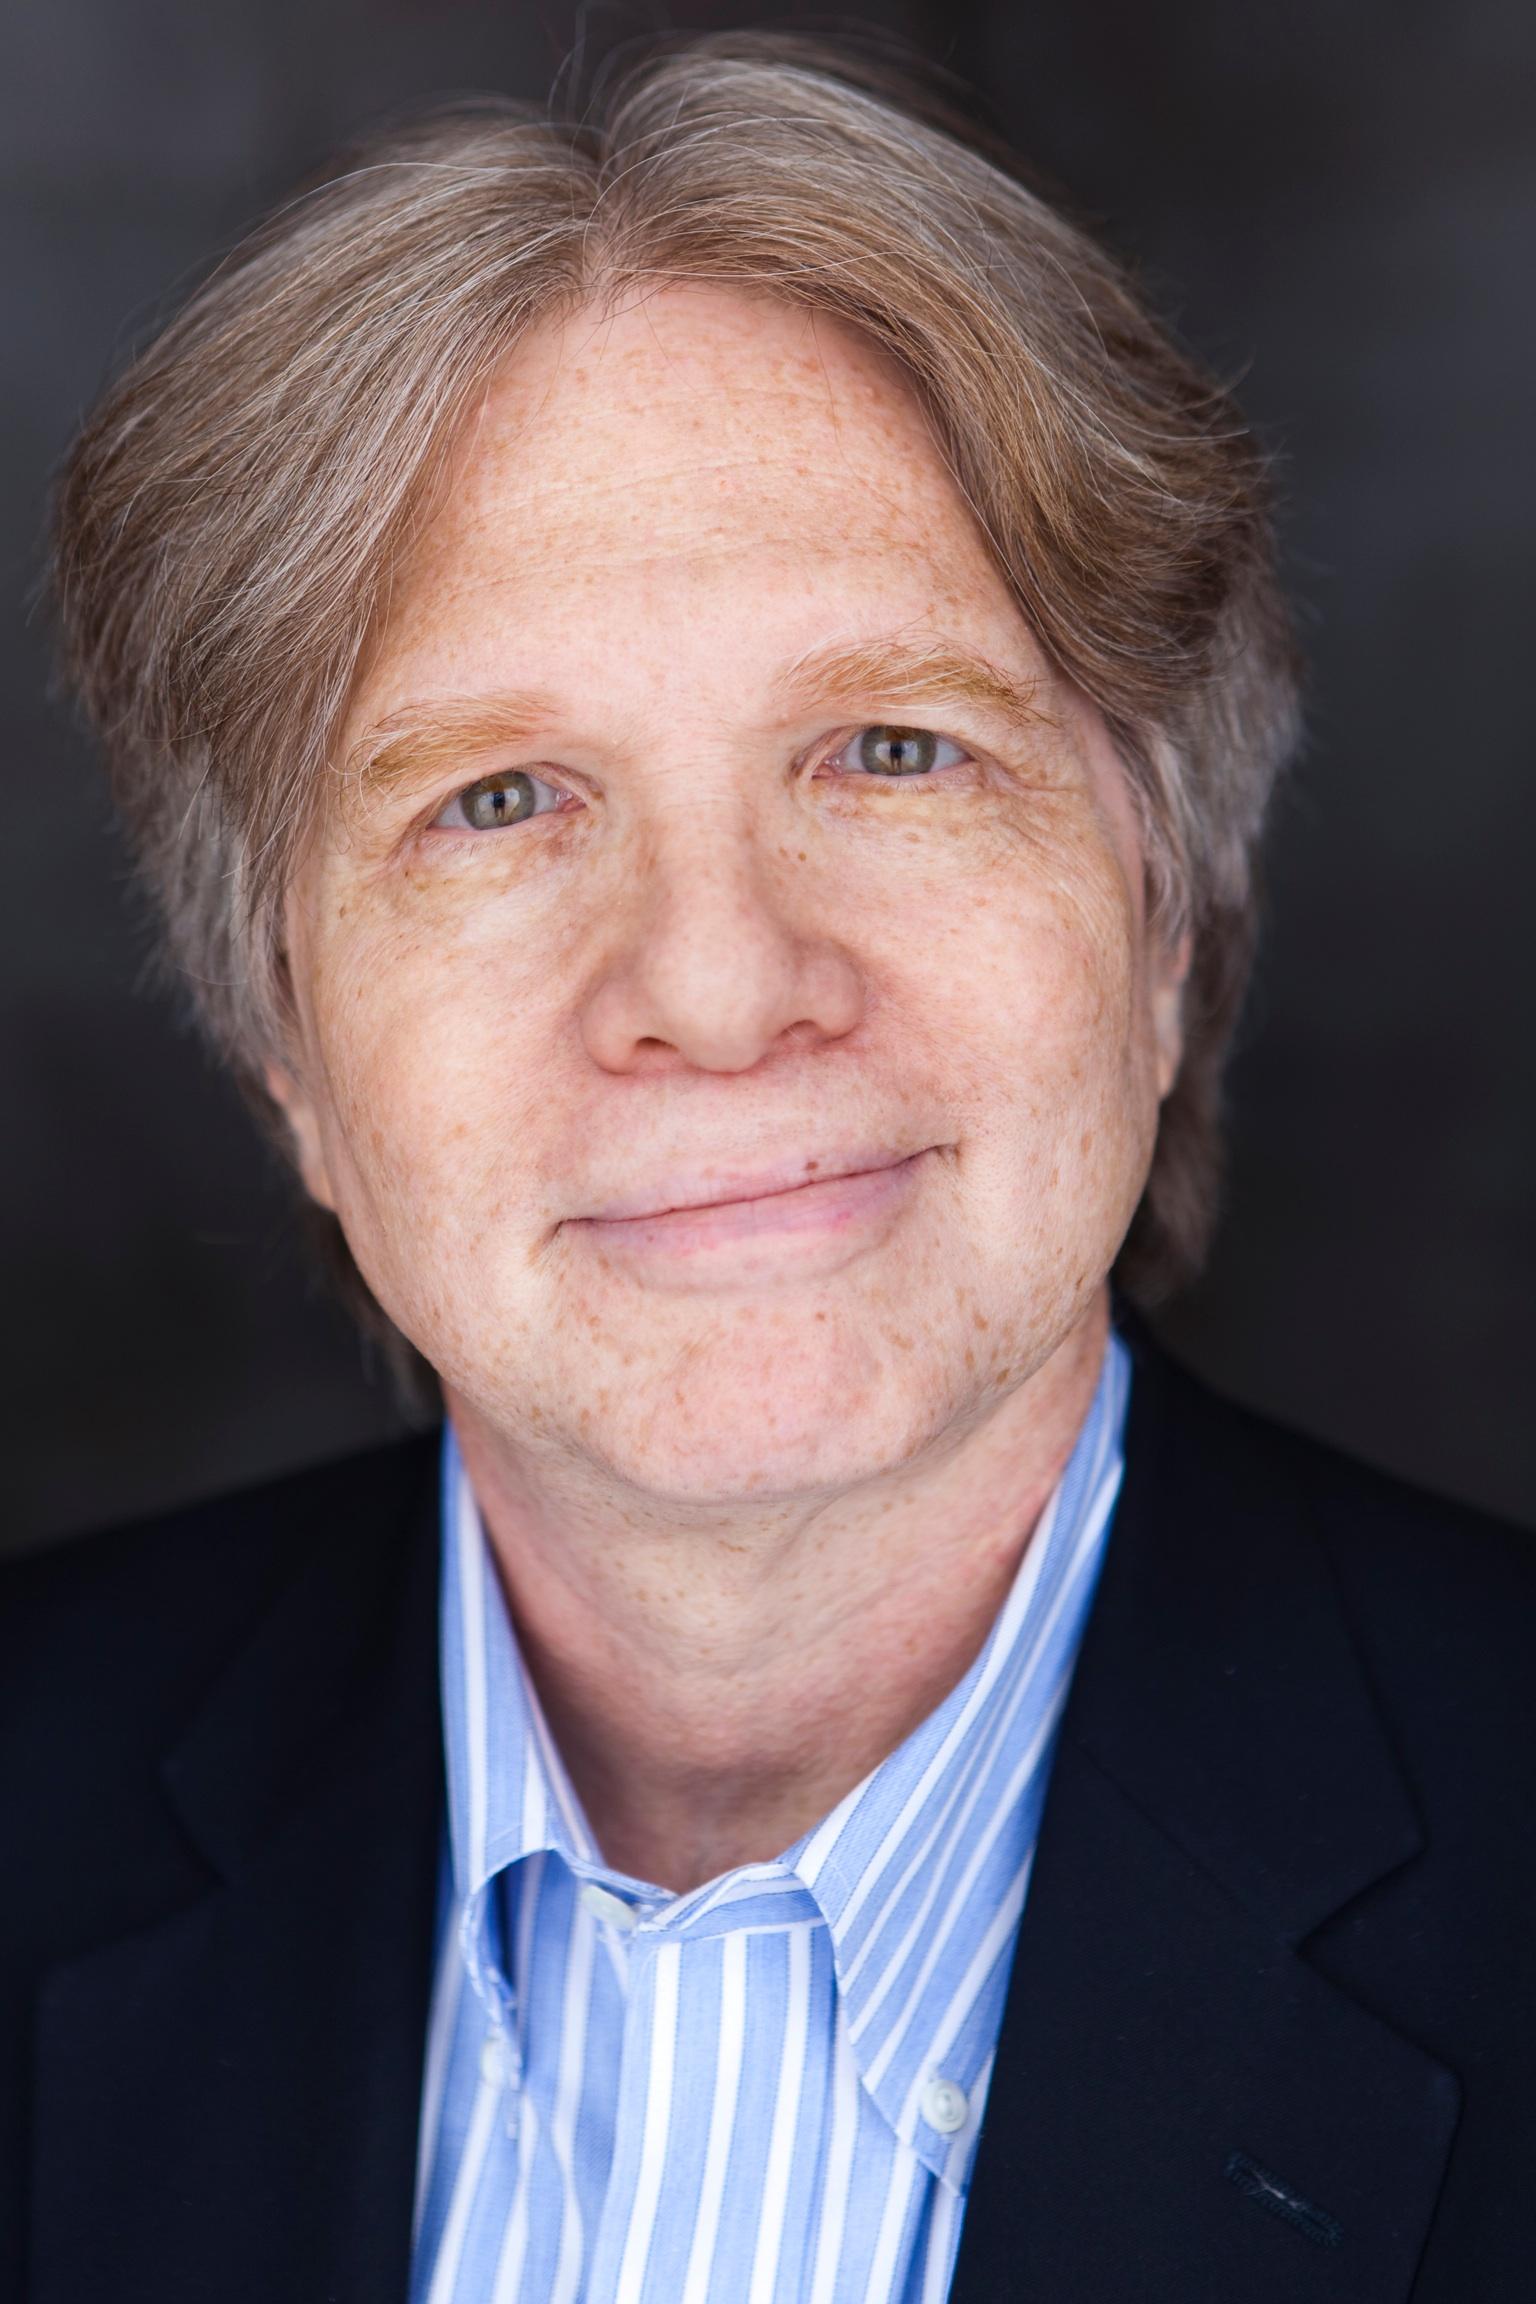 David S. Rose, Gust